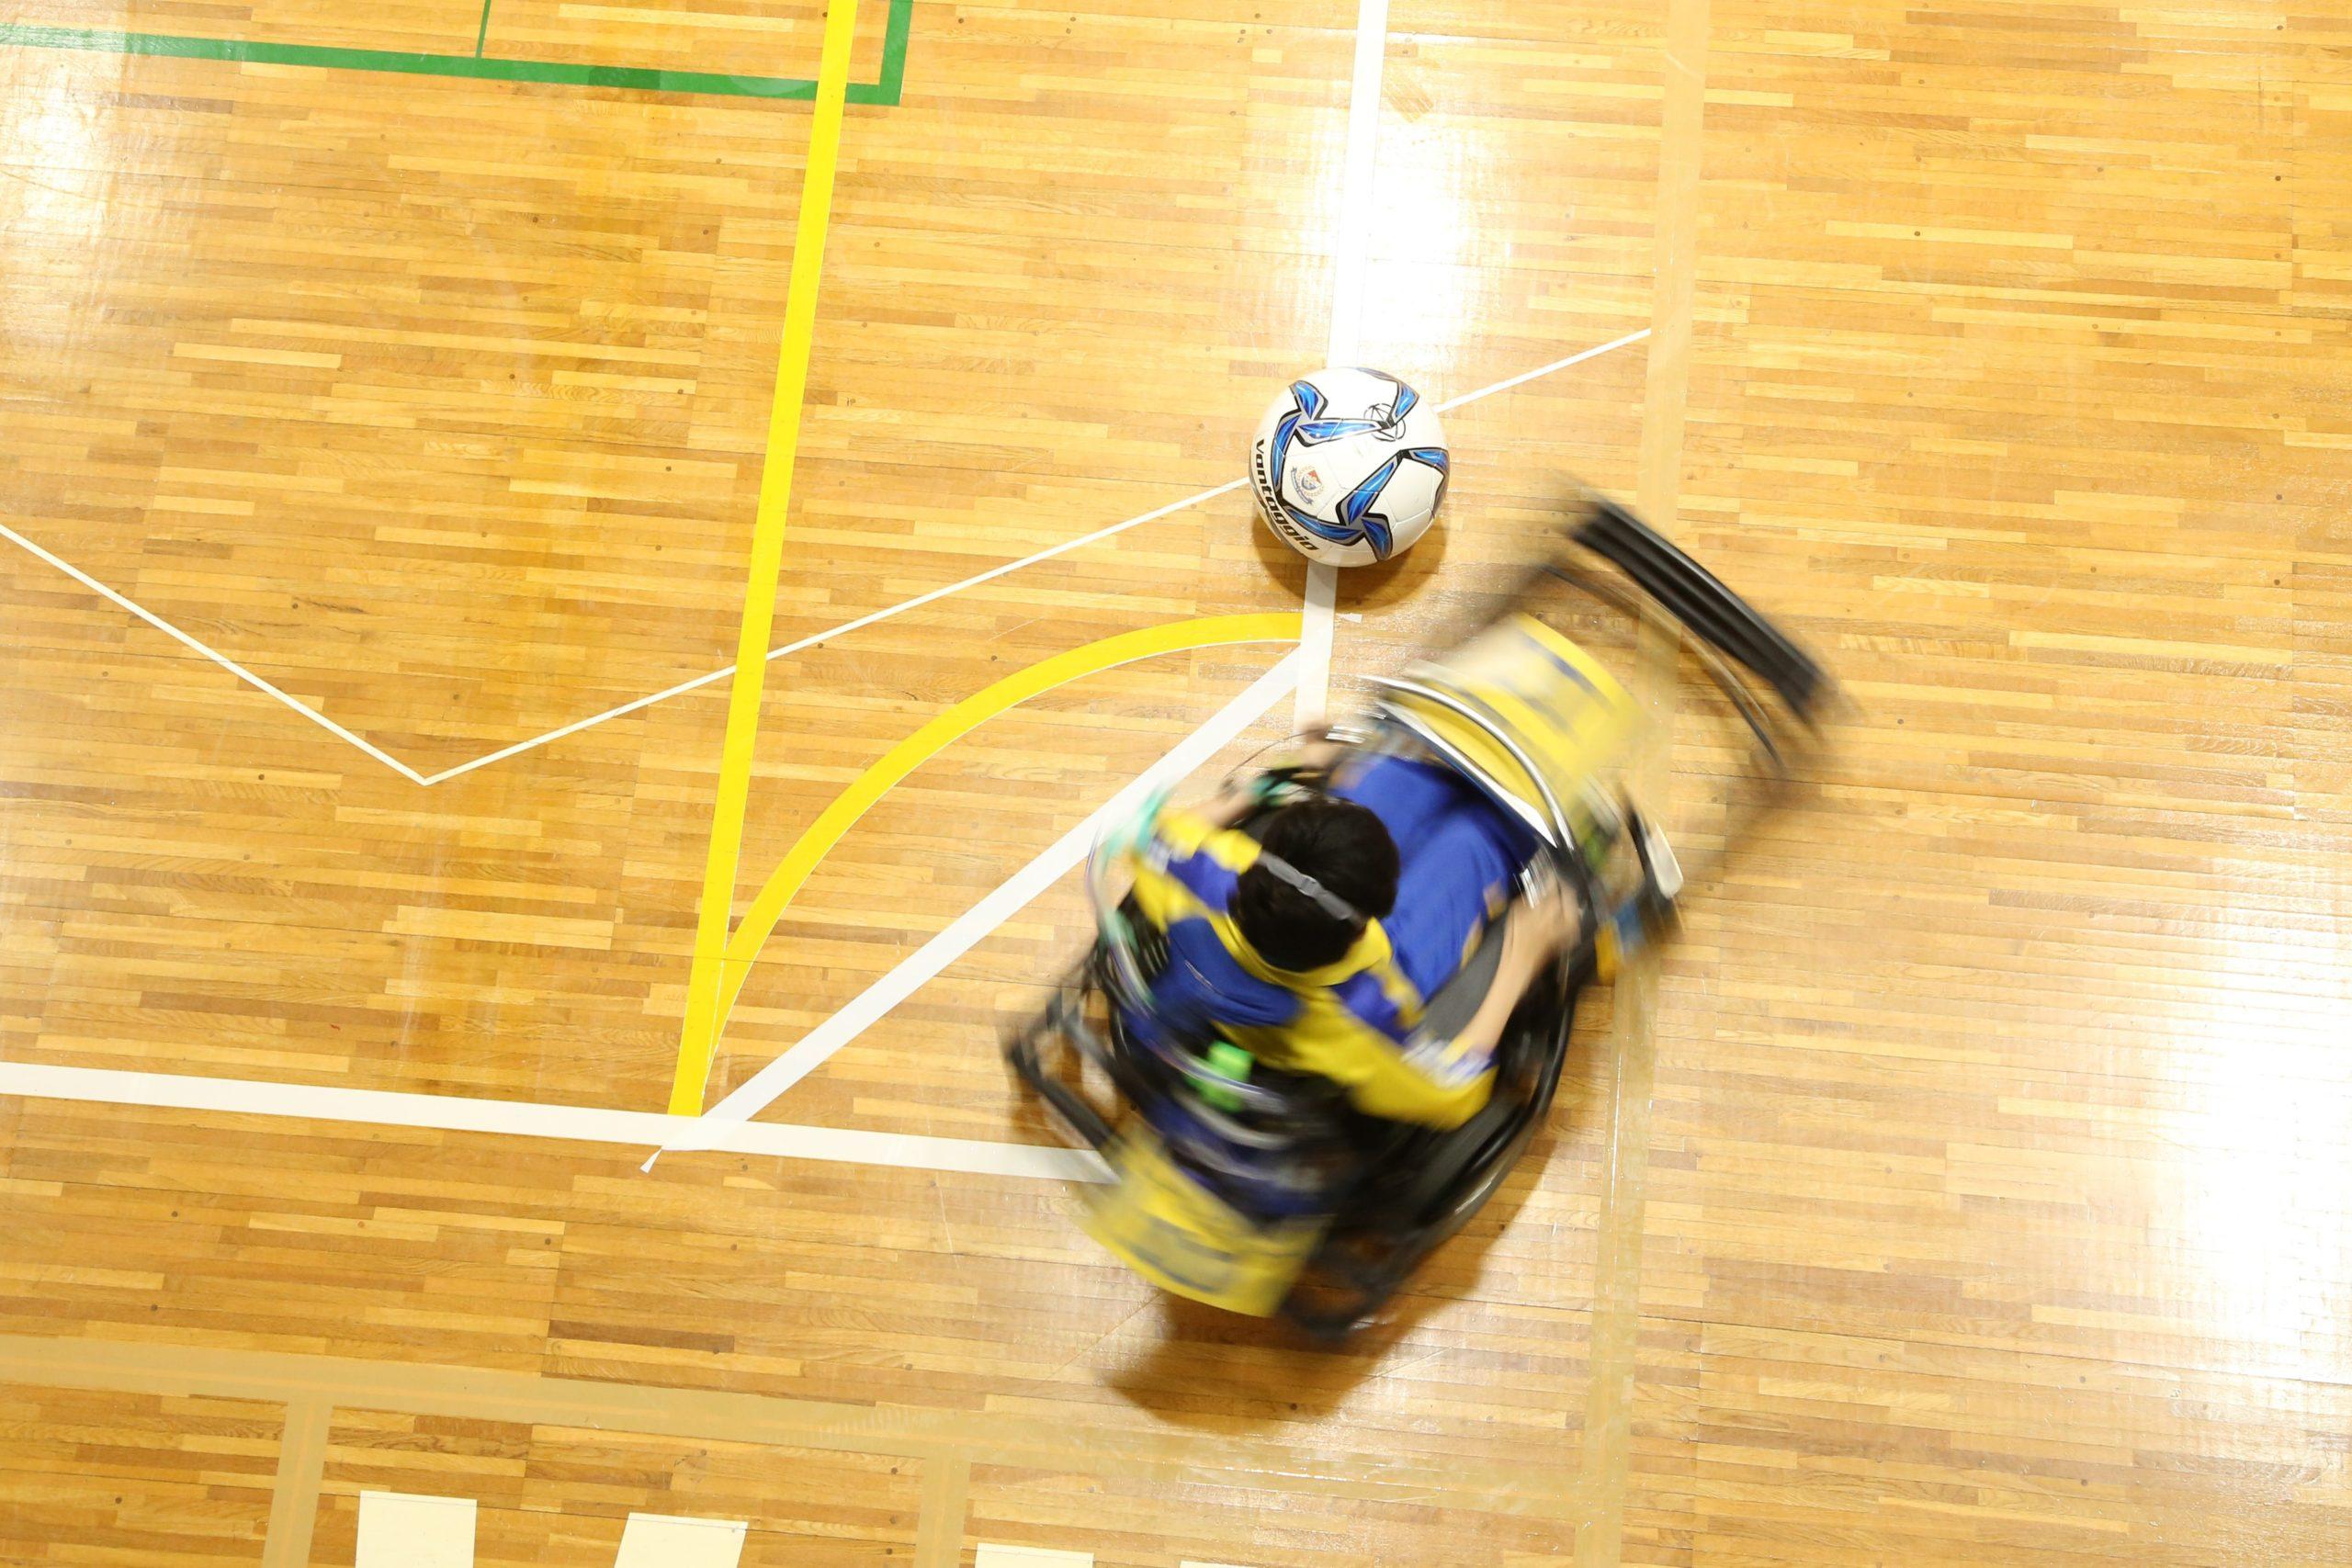 電動車椅子サッカーのカラー写真